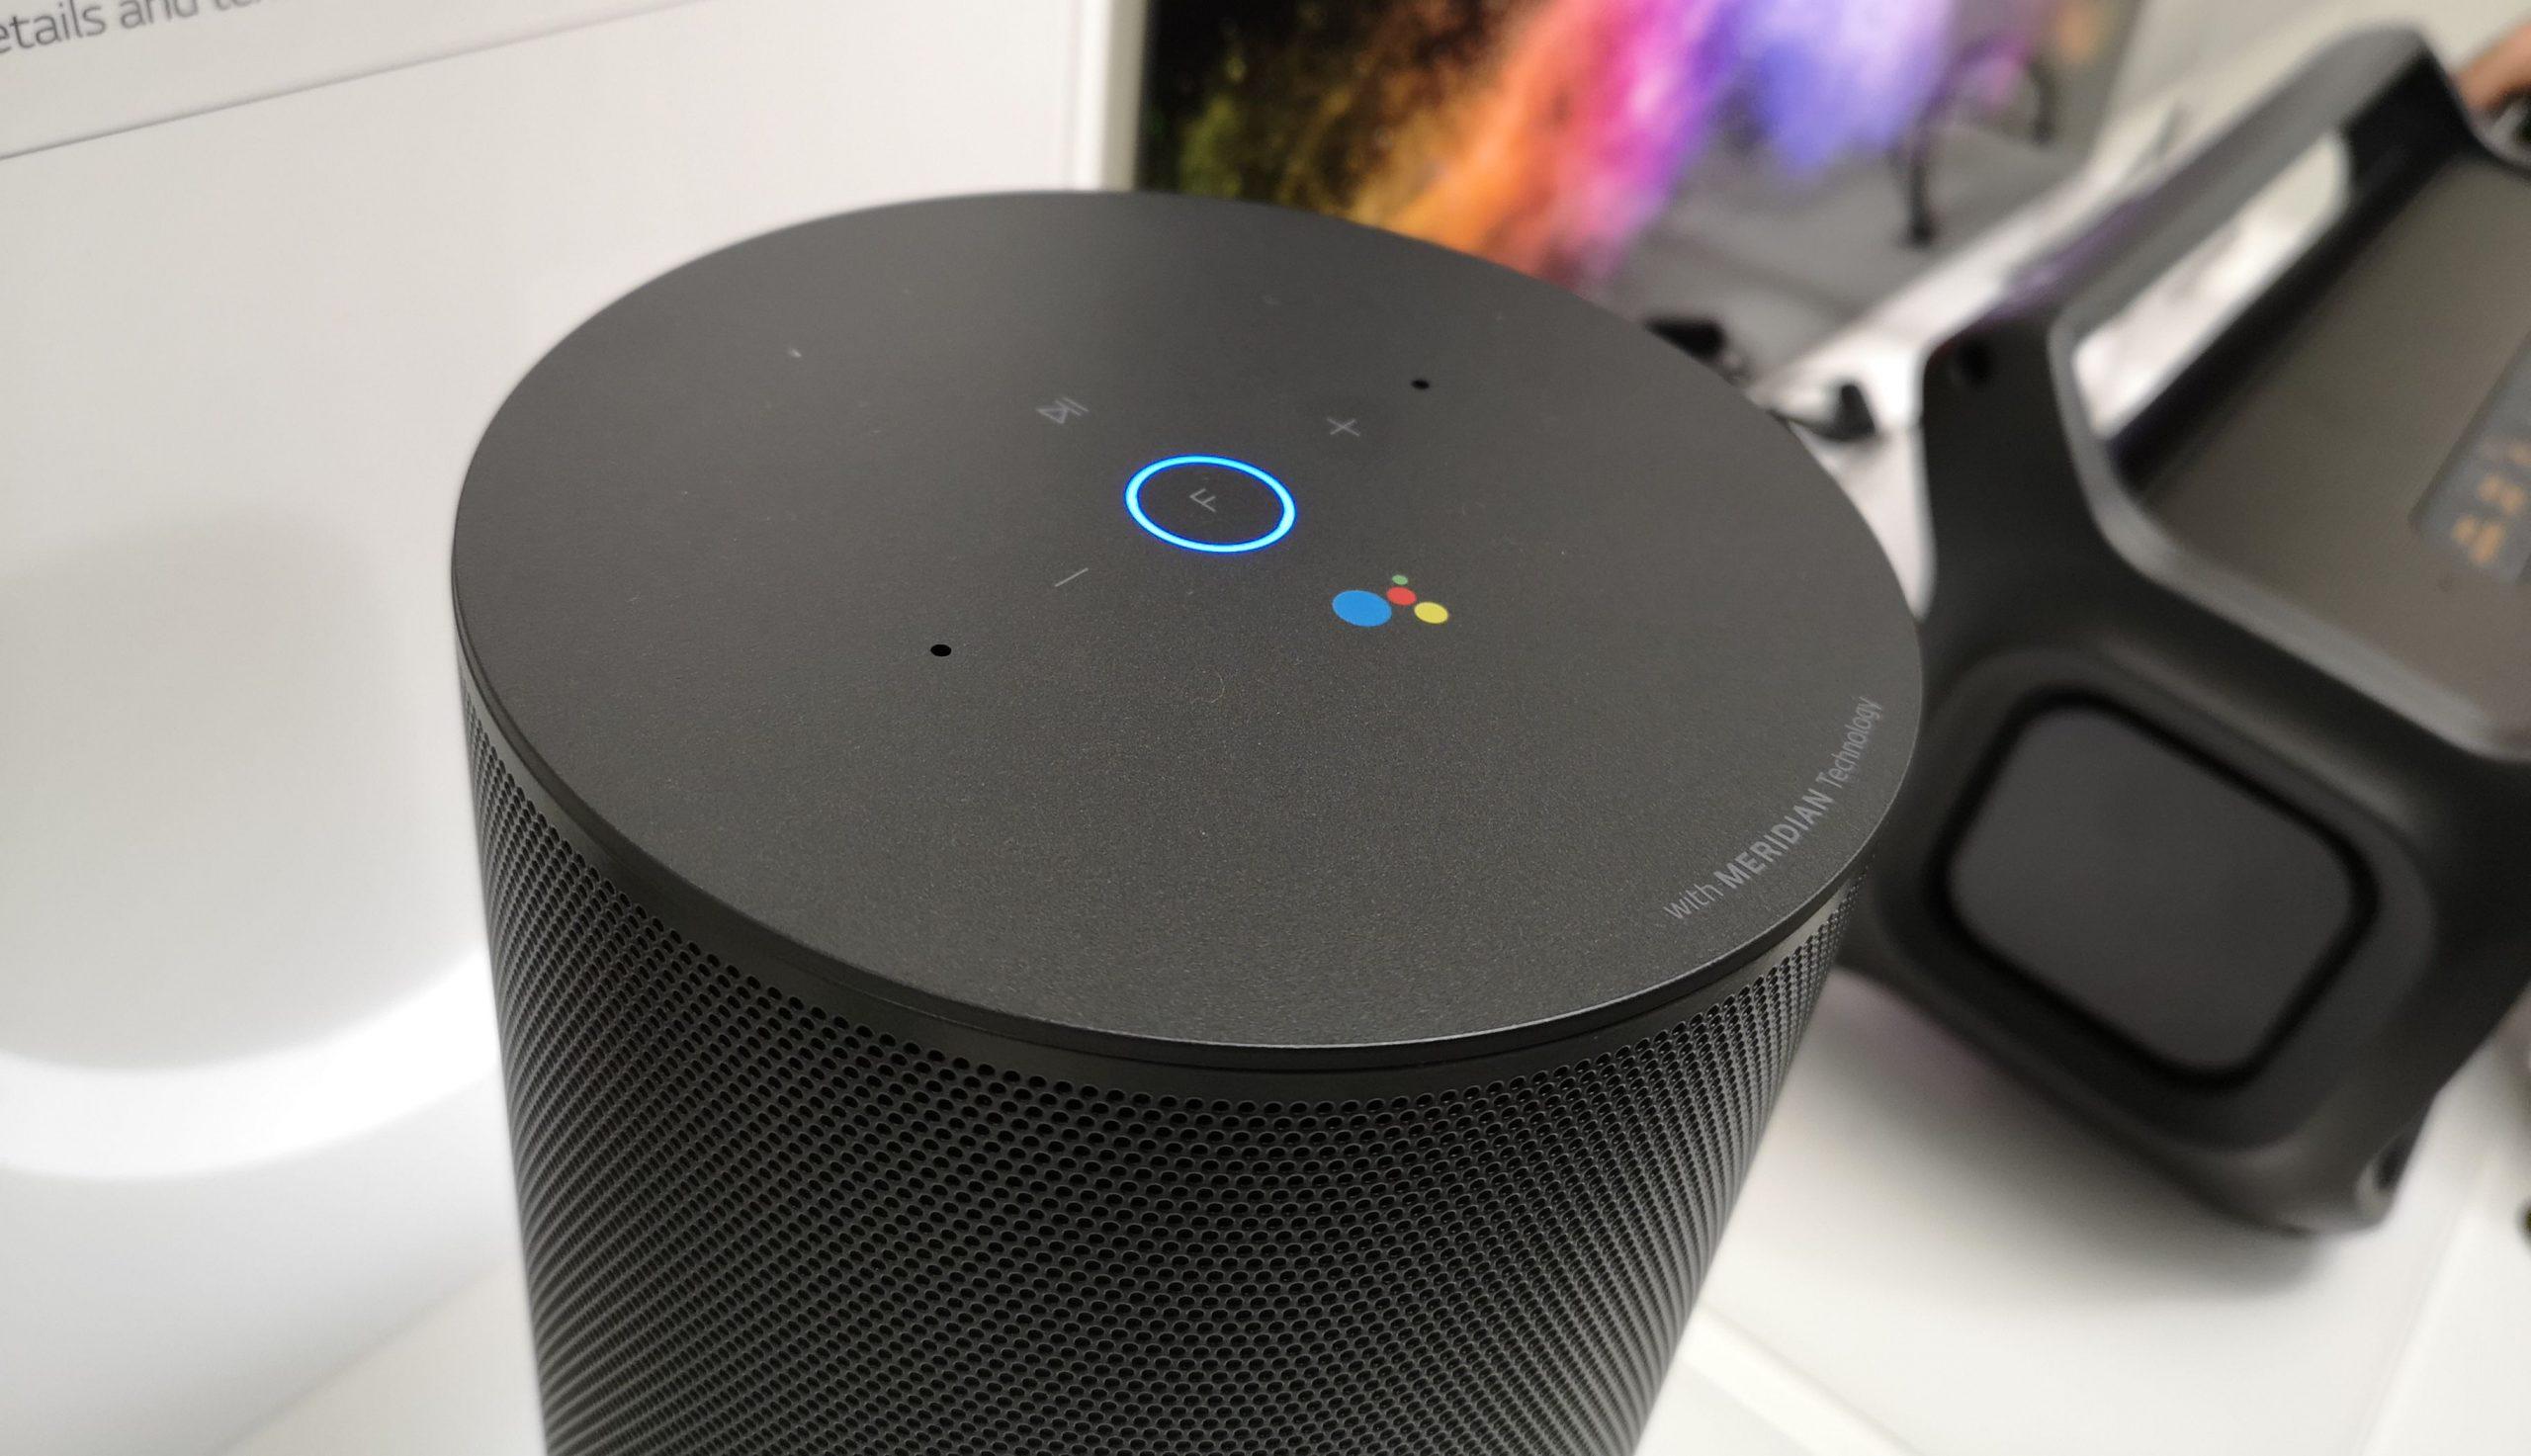 lg smart speaker scaled